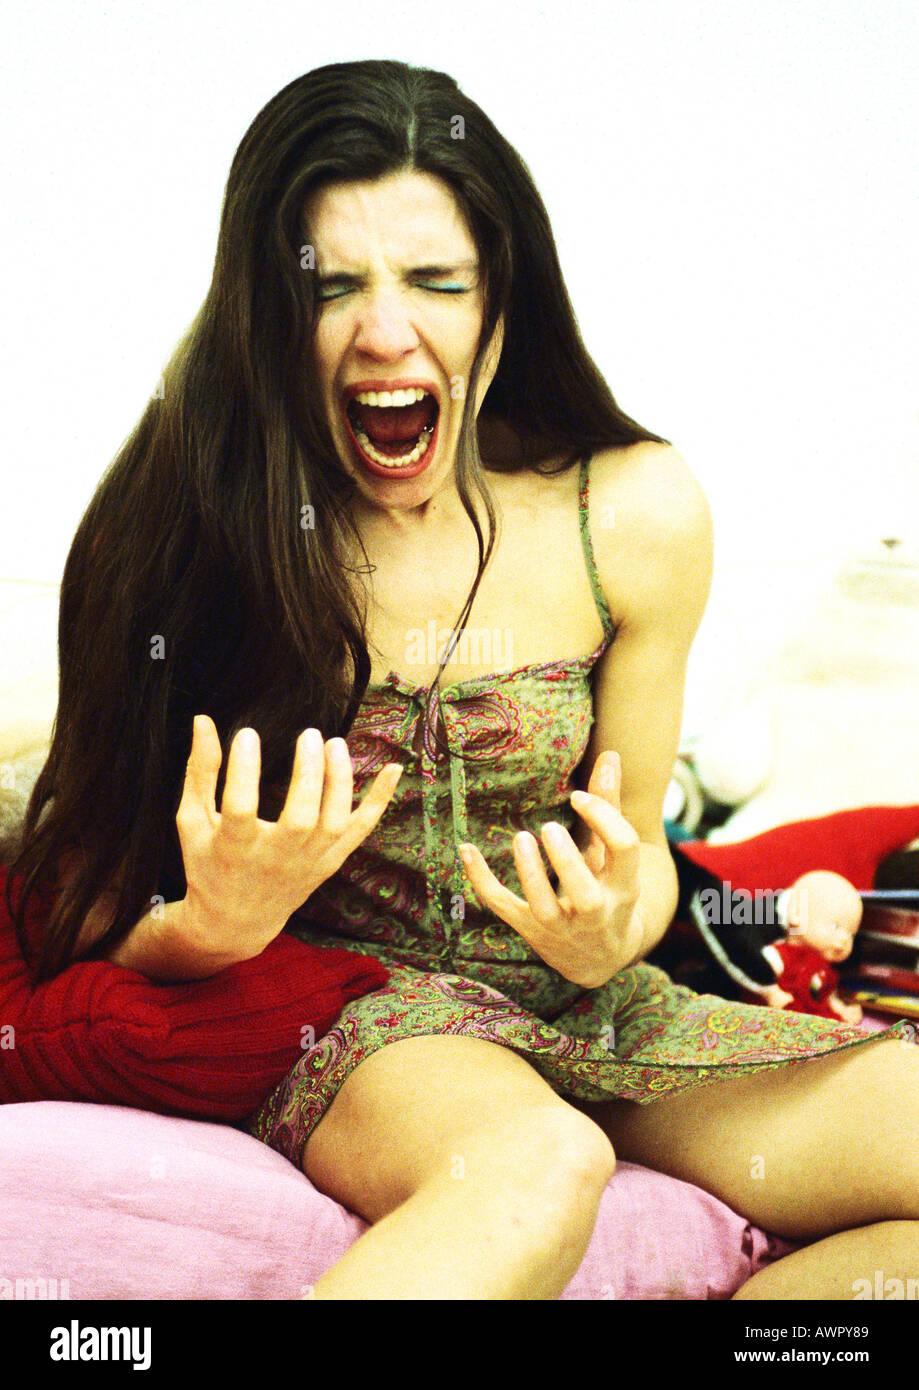 Donna seduta sul letto urlando, ritratto. Foto Stock